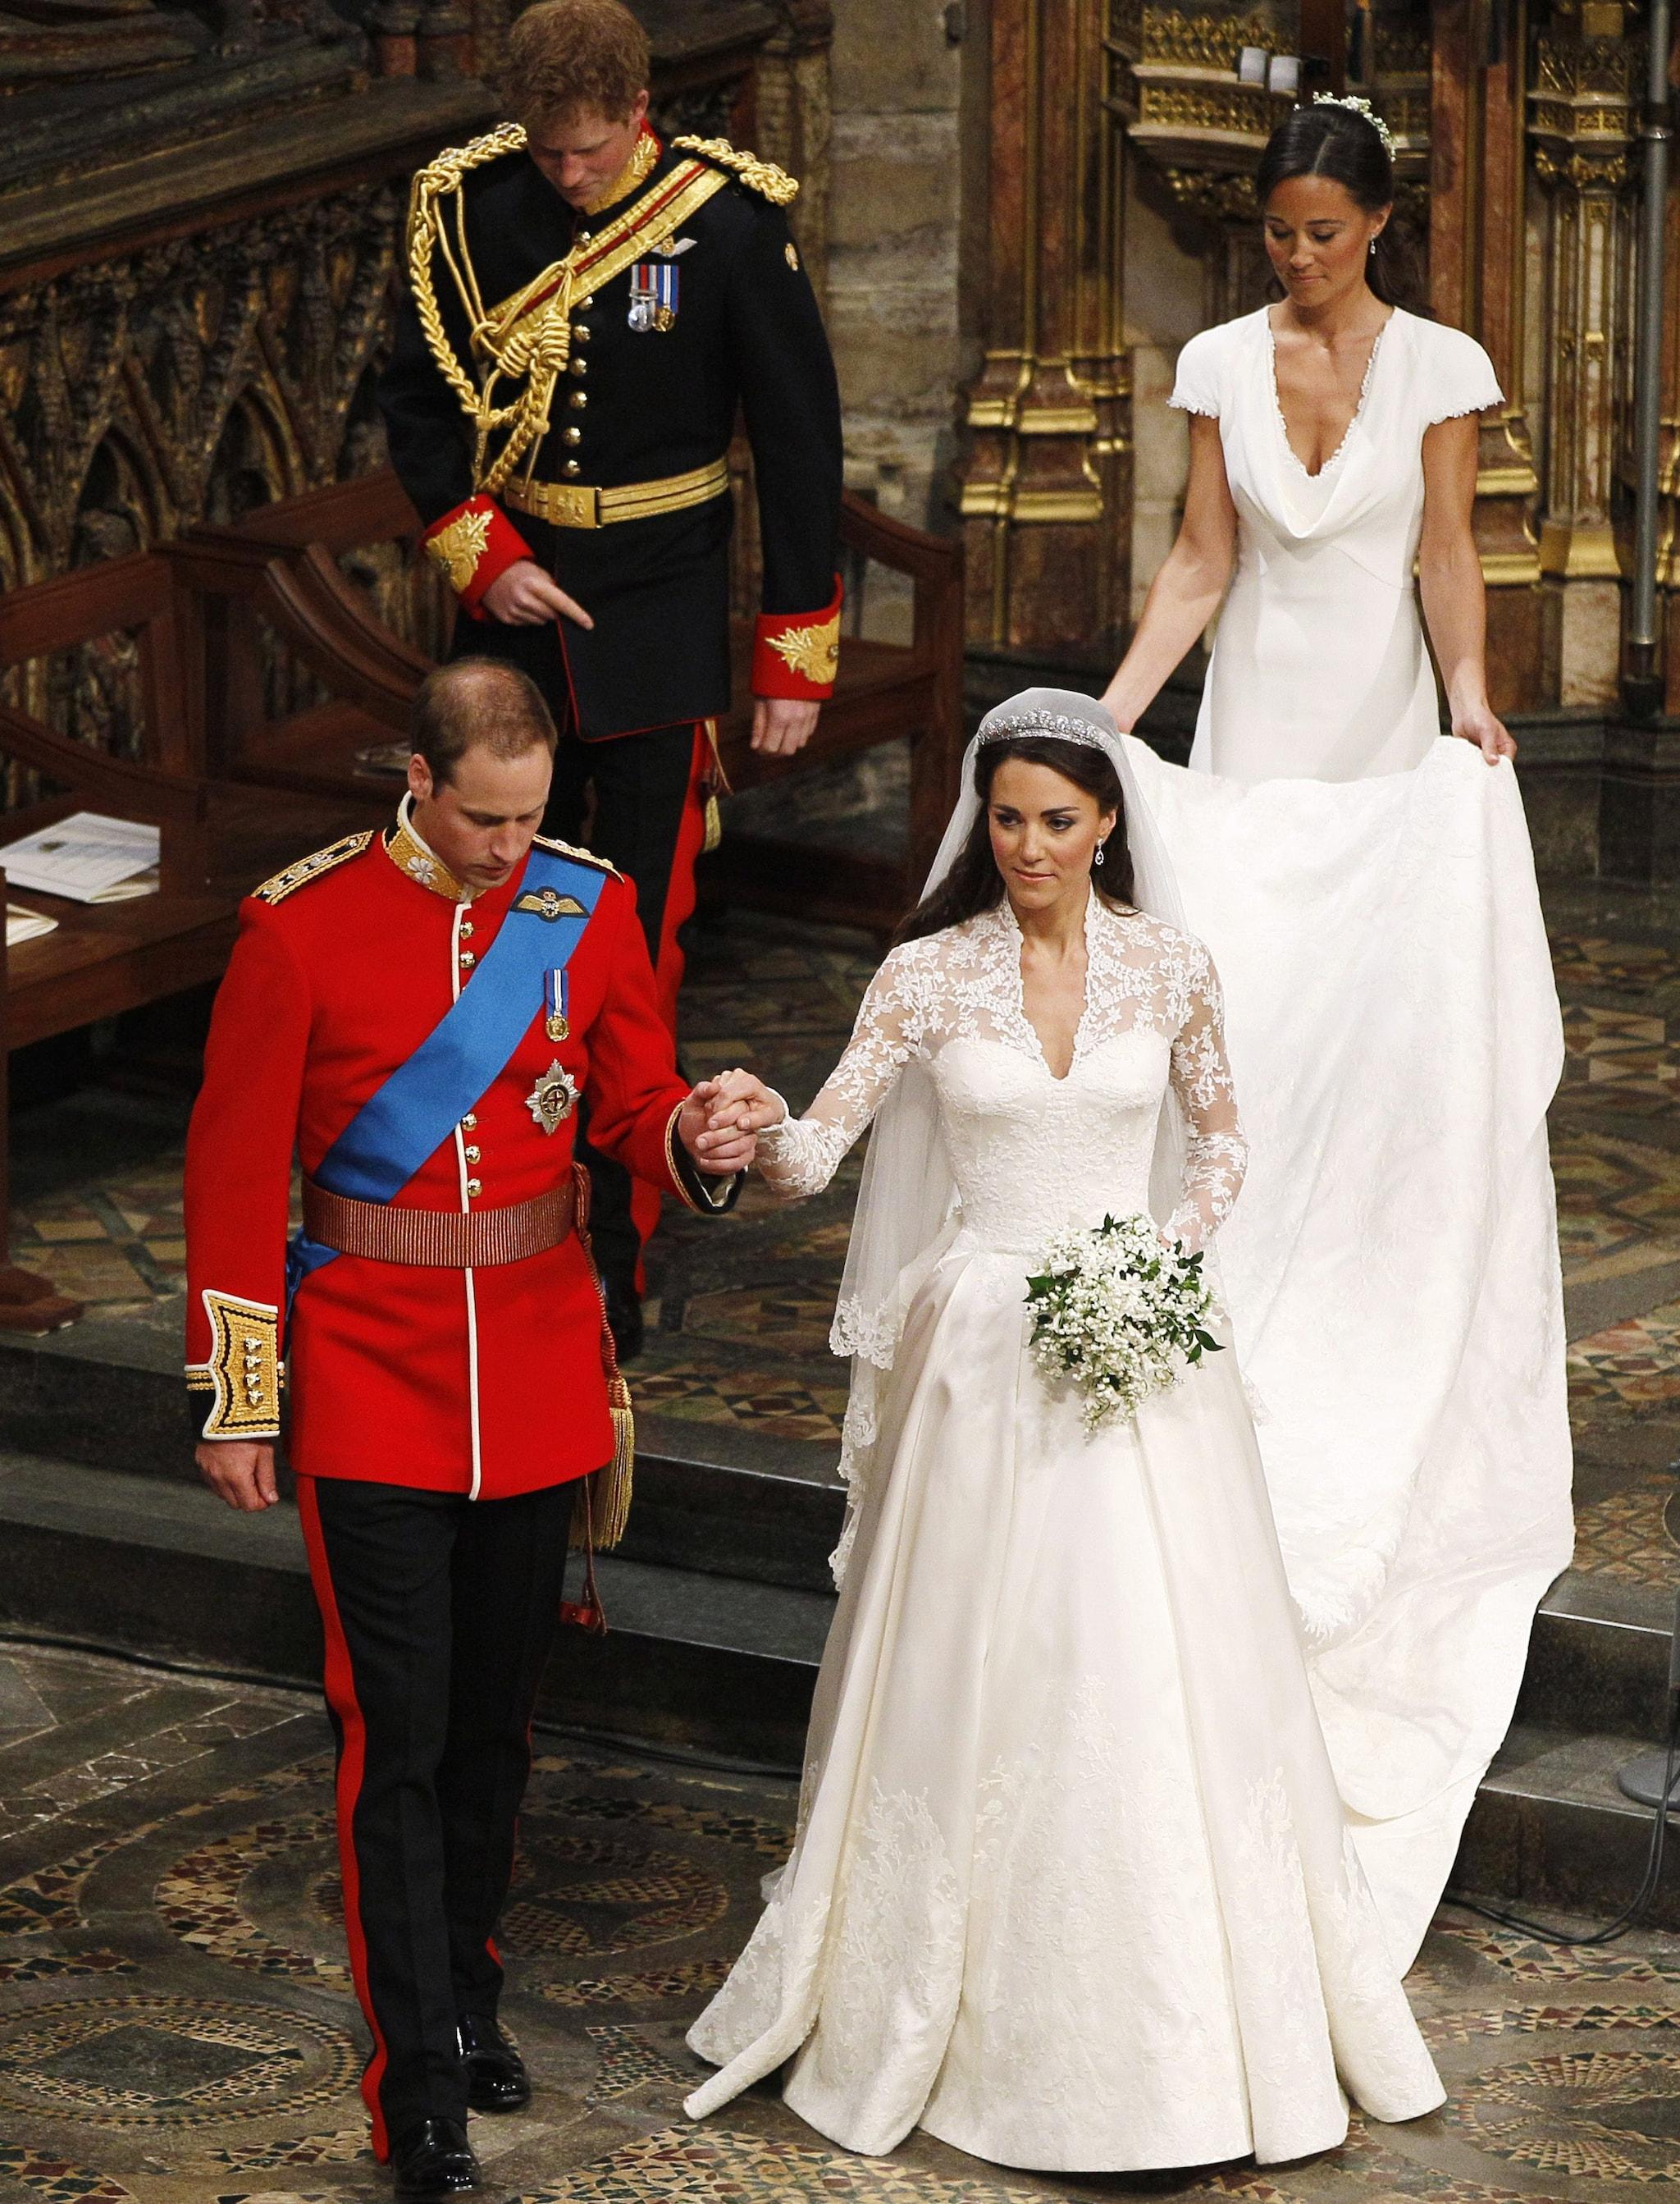 Un momento del matrimonio tra William e Kate